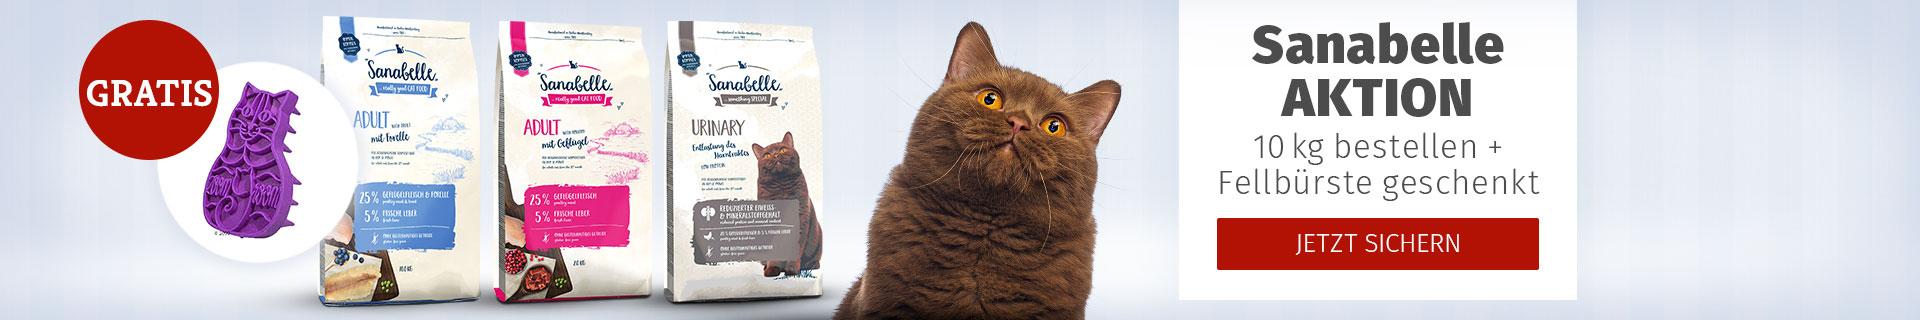 Sanabelle Aktion 10kg bestellen + Katzenfellbürste geschenkt